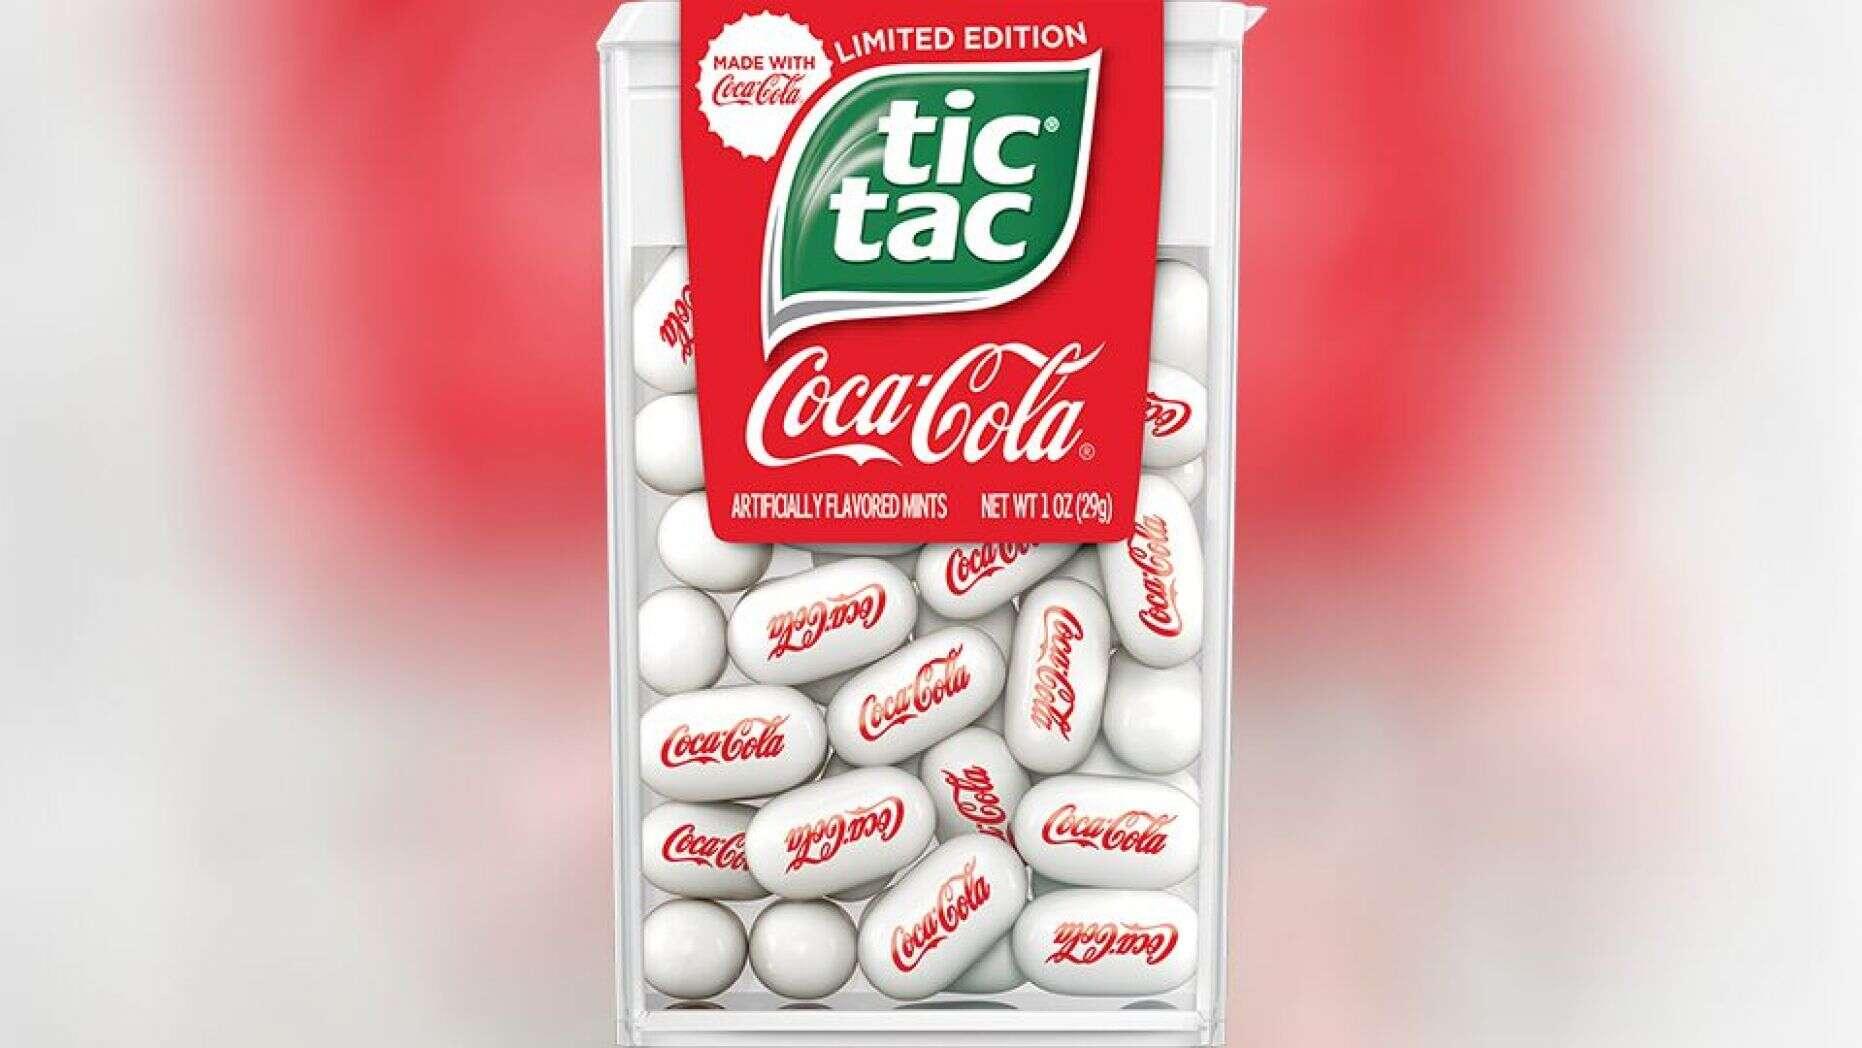 嘀嗒糖公司限量推出可口可乐薄荷糖